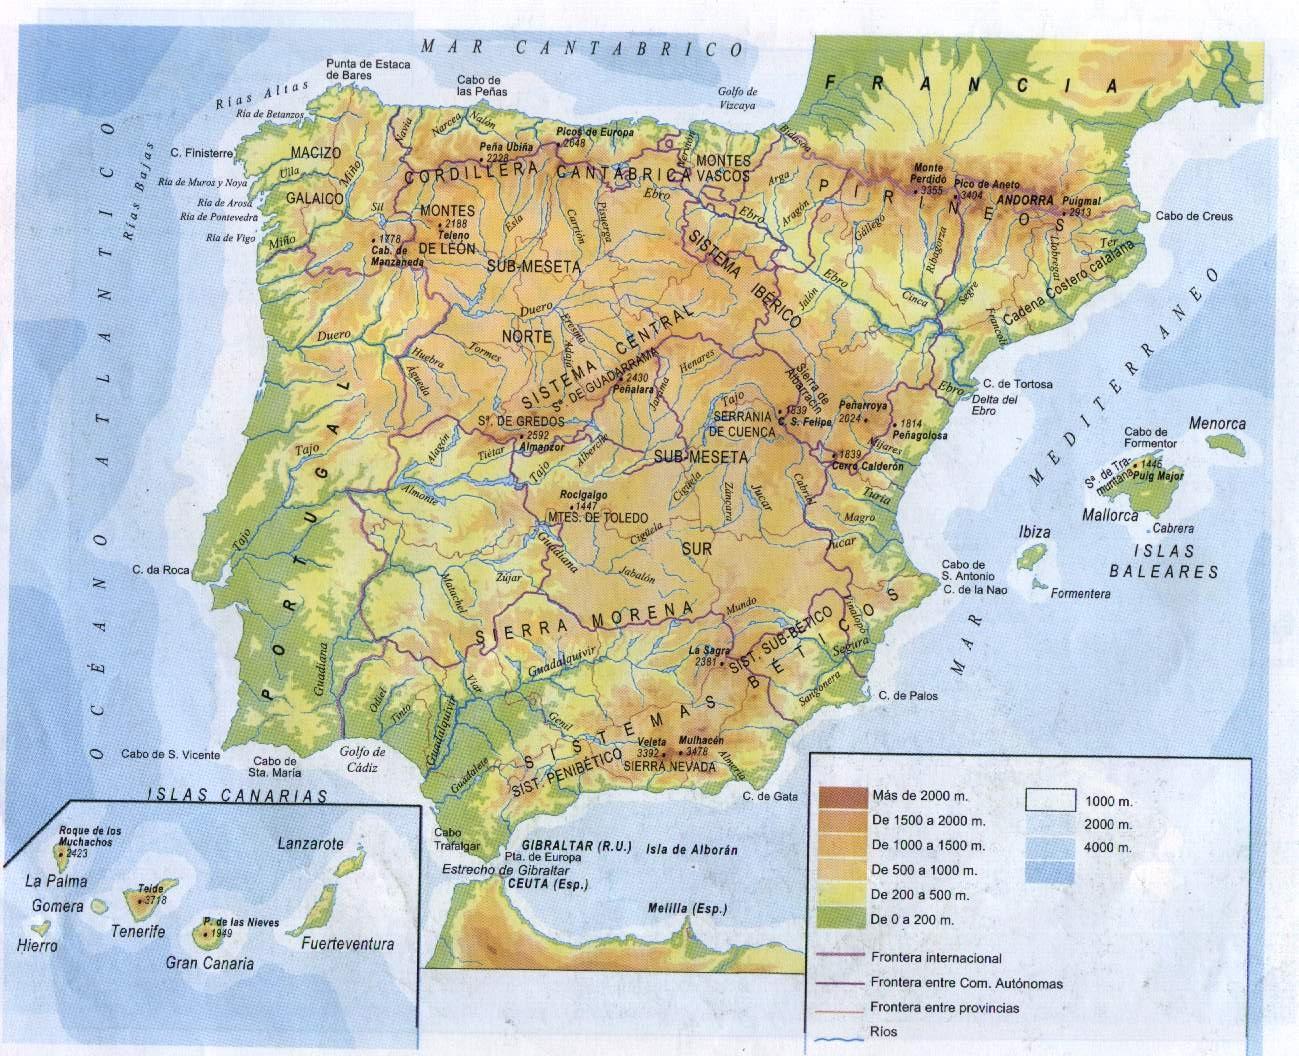 Cabo De Machichaco Mapa.Nuestra Clase Reyes Catolicos Mapa De Espana